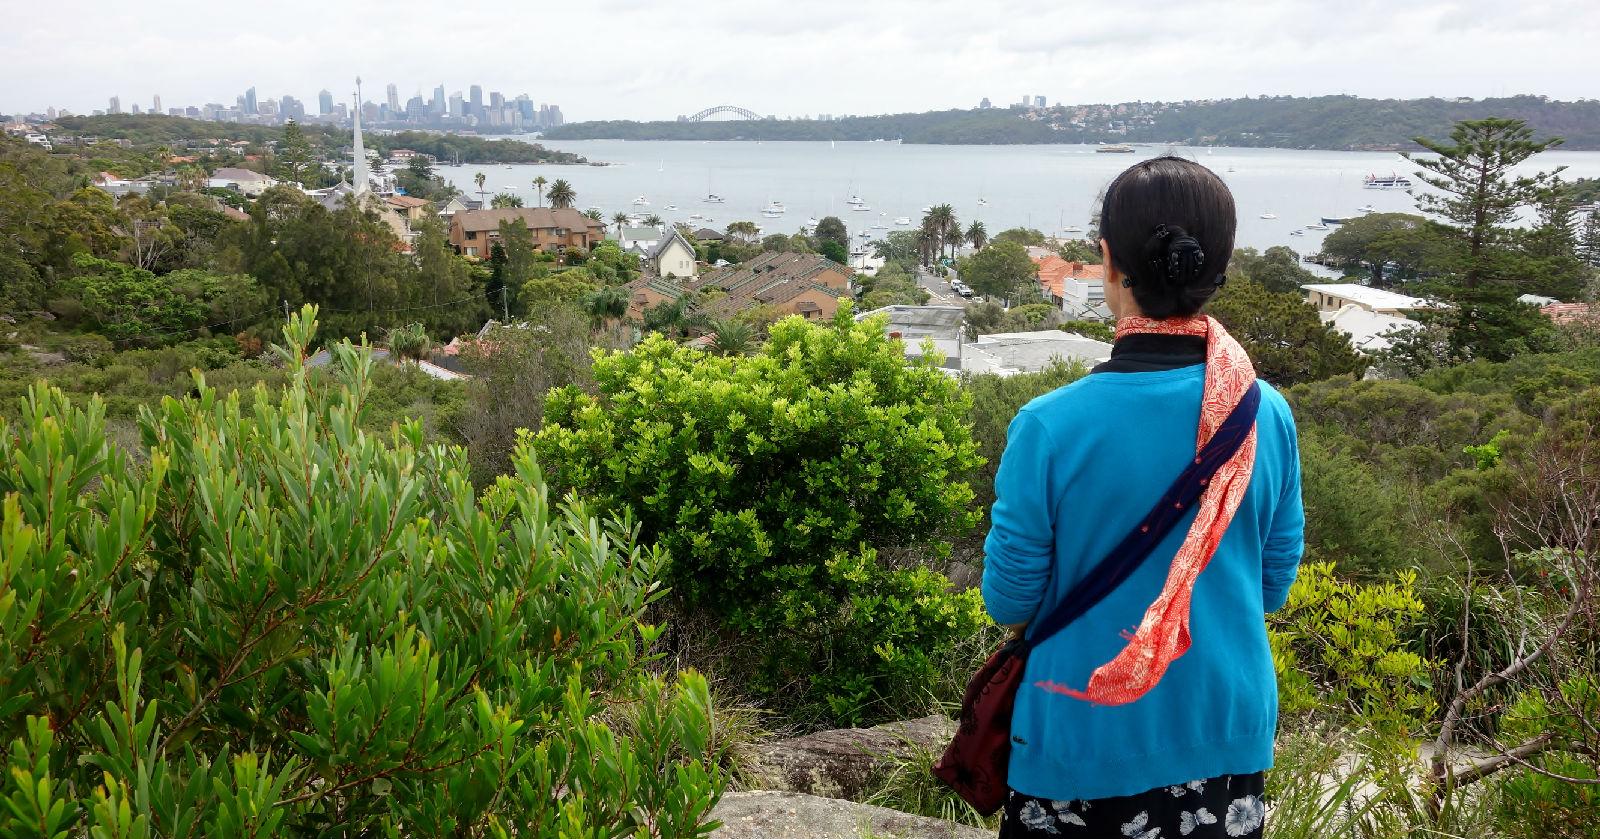 澳大利亚旅游攻略图片372